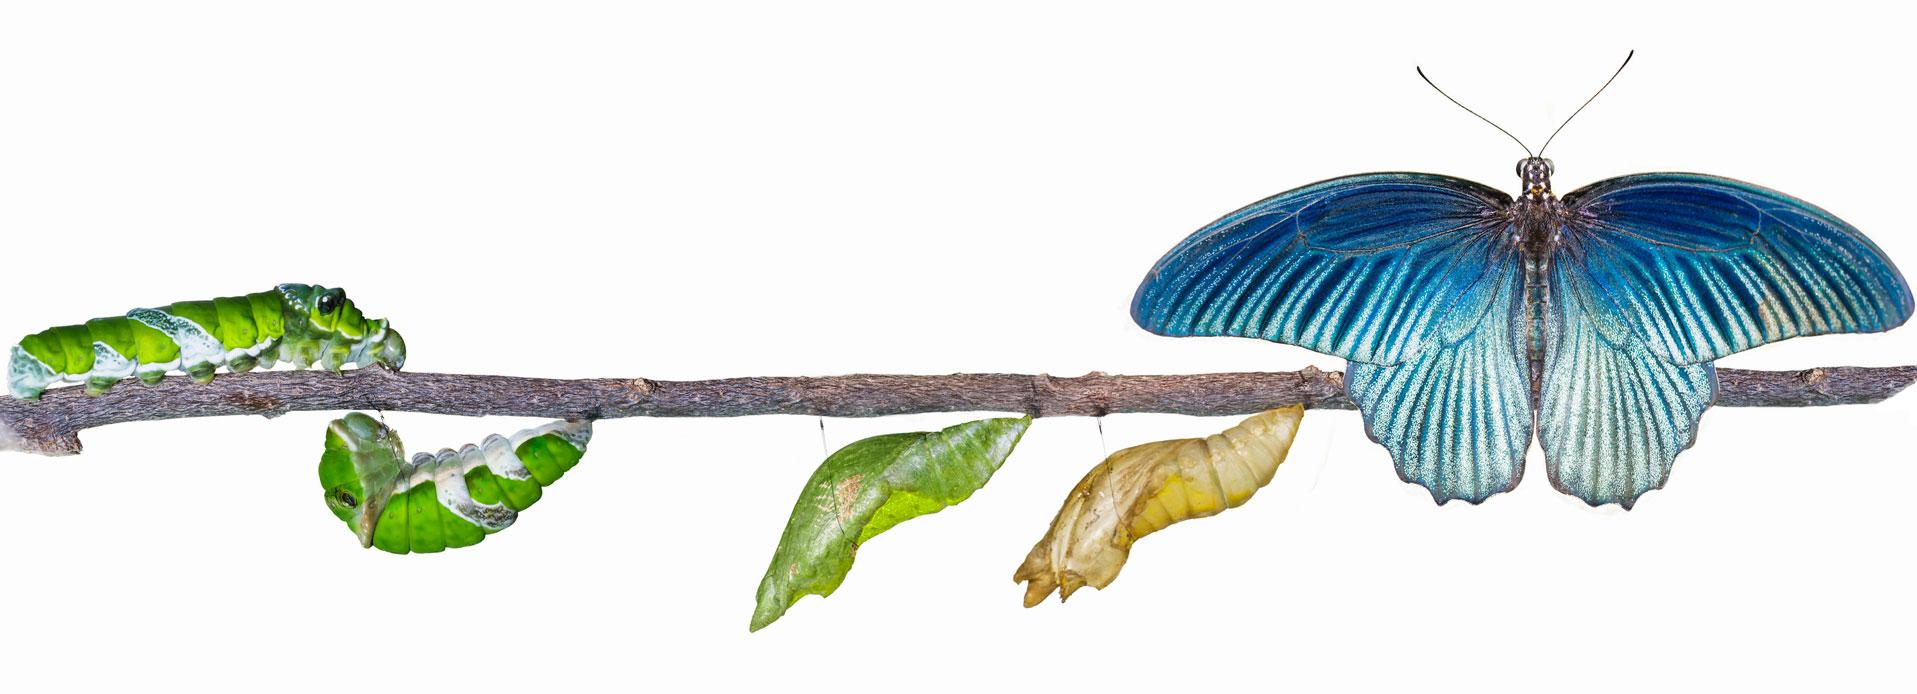 butterfly-metamorphosis